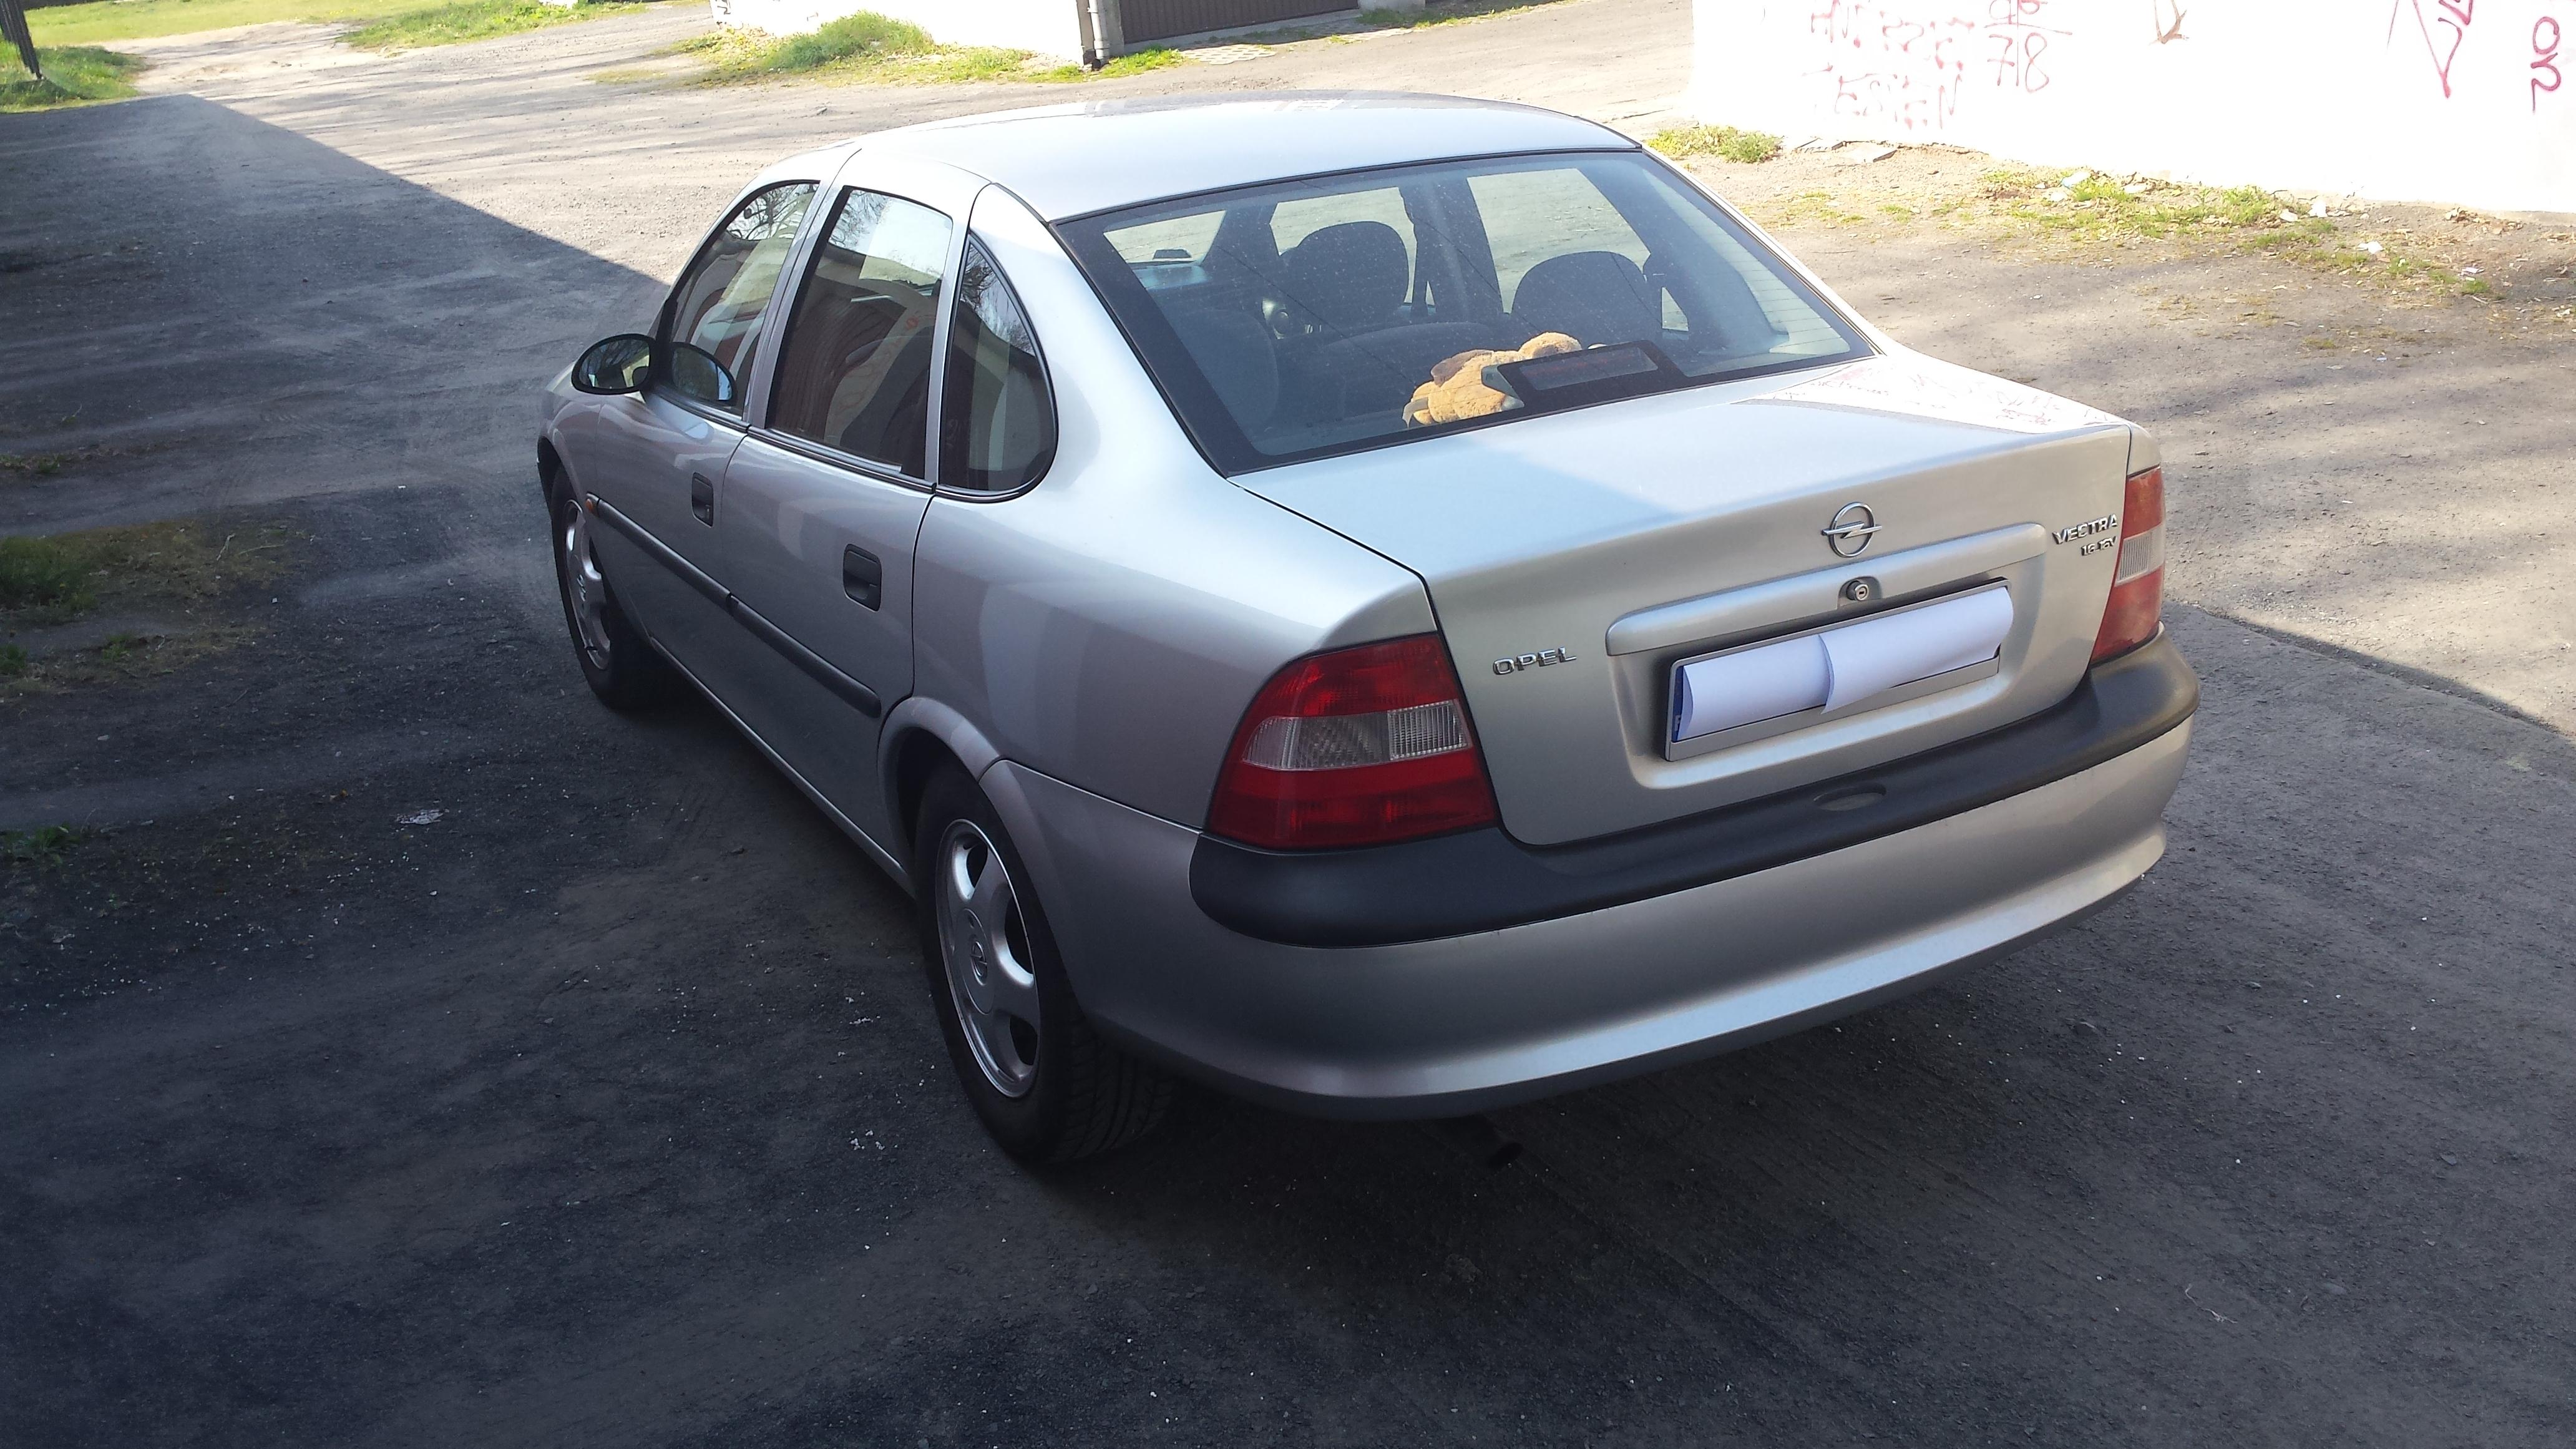 OKAZJA! Sprzedam Opel vectra 1999r.